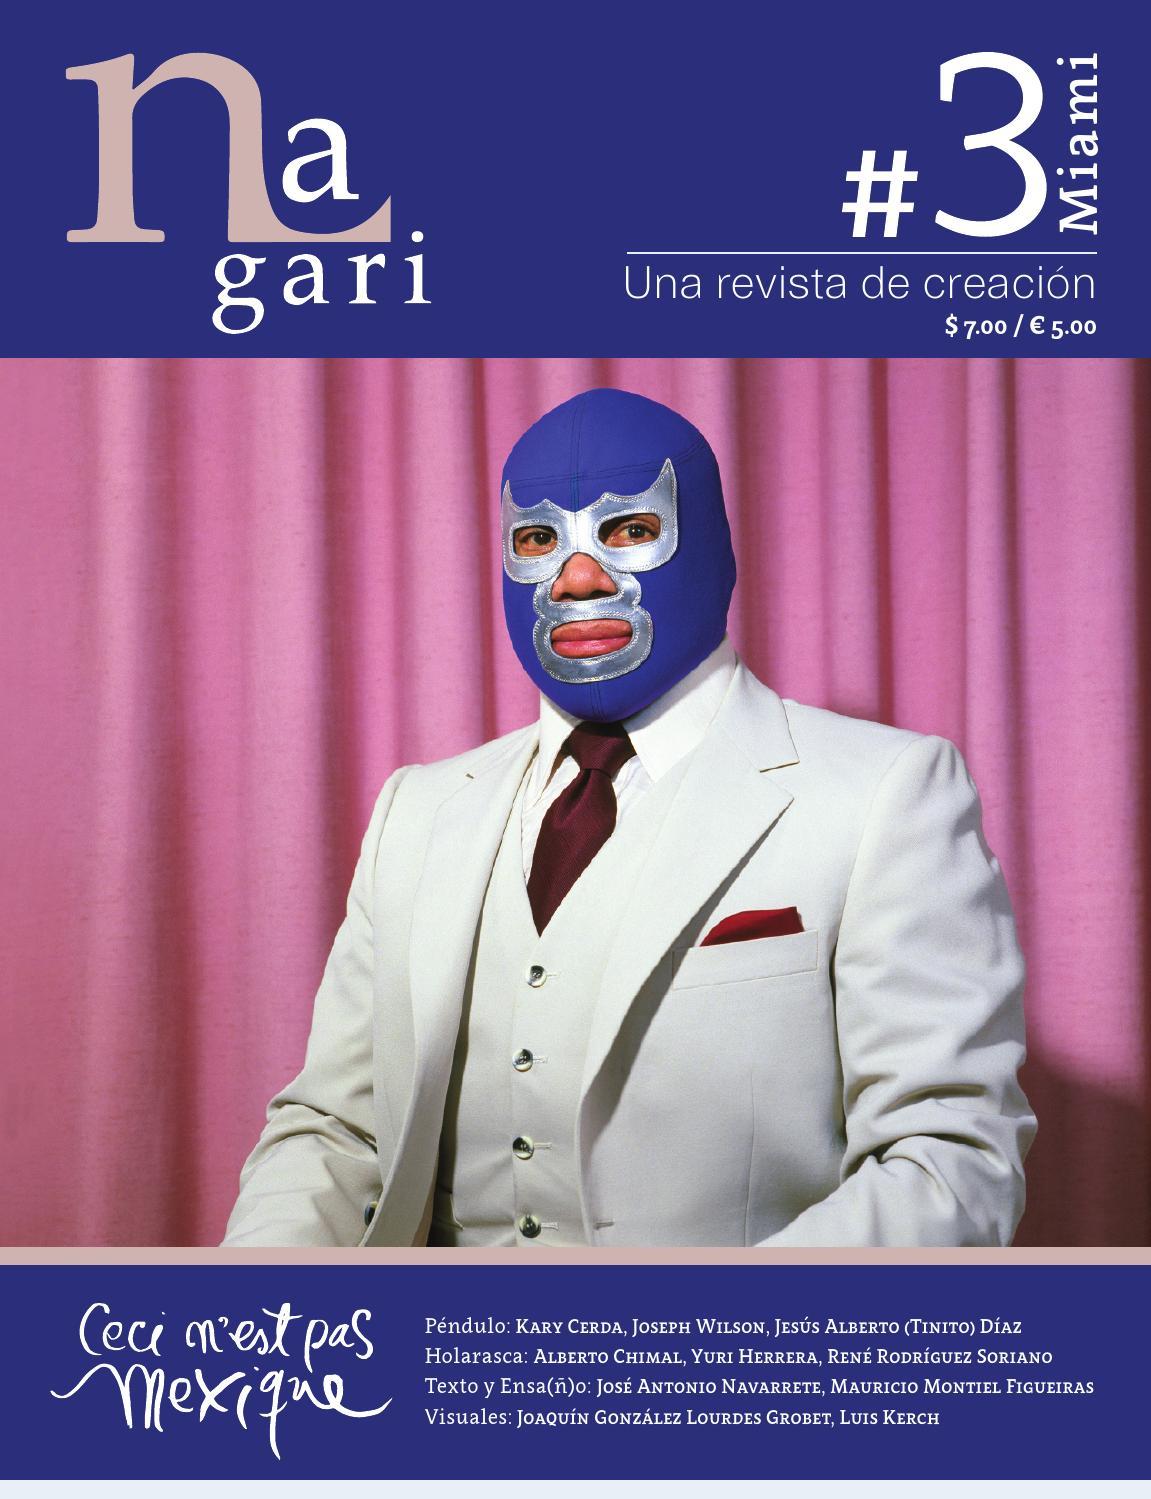 Ceci By Mexique Nagari Nagari Issuu 3 N'est Pas 1JclKuTF3